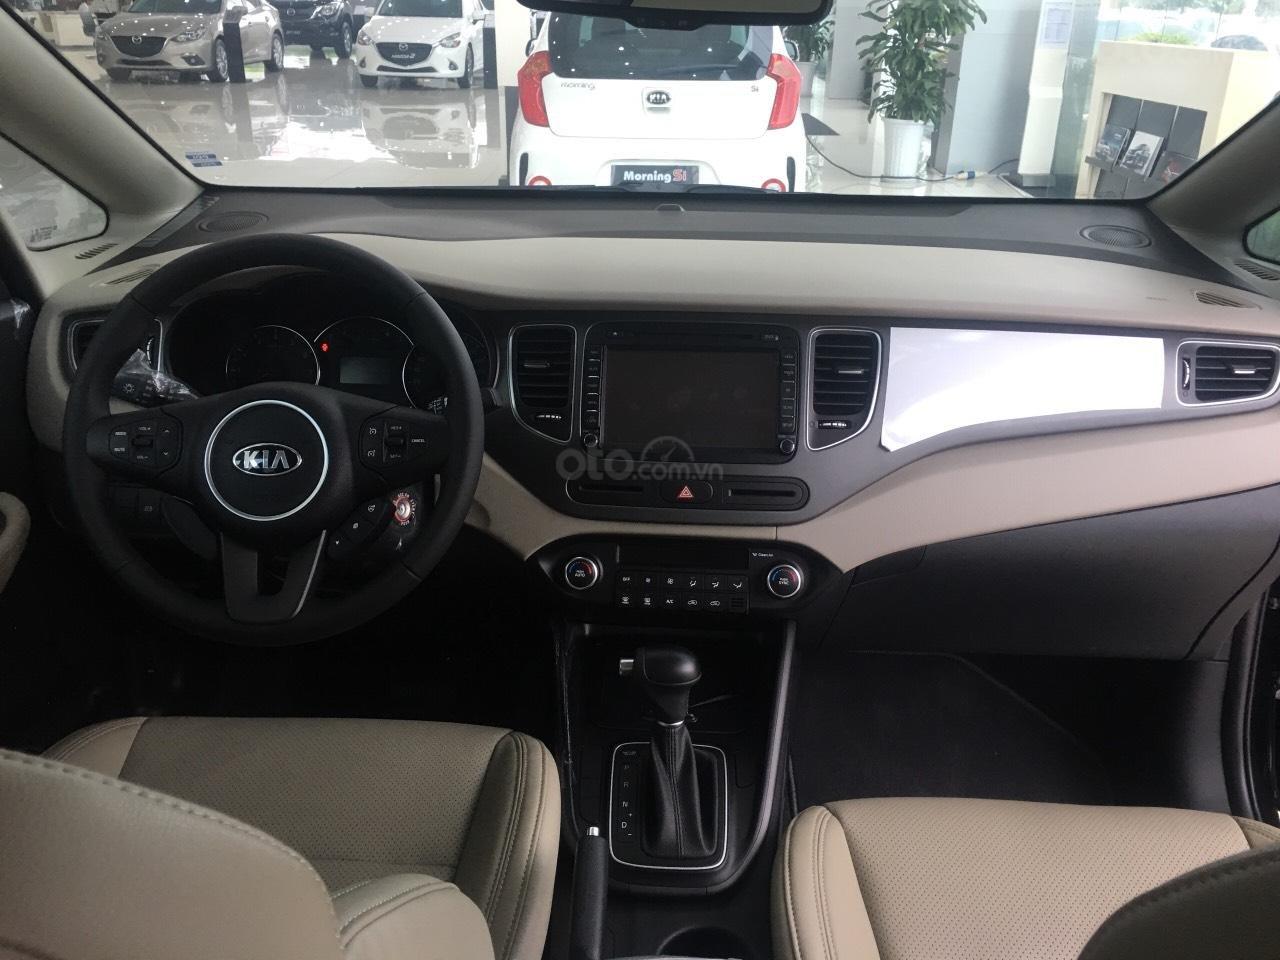 Kia Rondo 2020 - ưu đãi lớn - giá từ 559 tr- trả trước từ 158 tr đủ màu - hỗ trợ trả góp đến 85% (7)